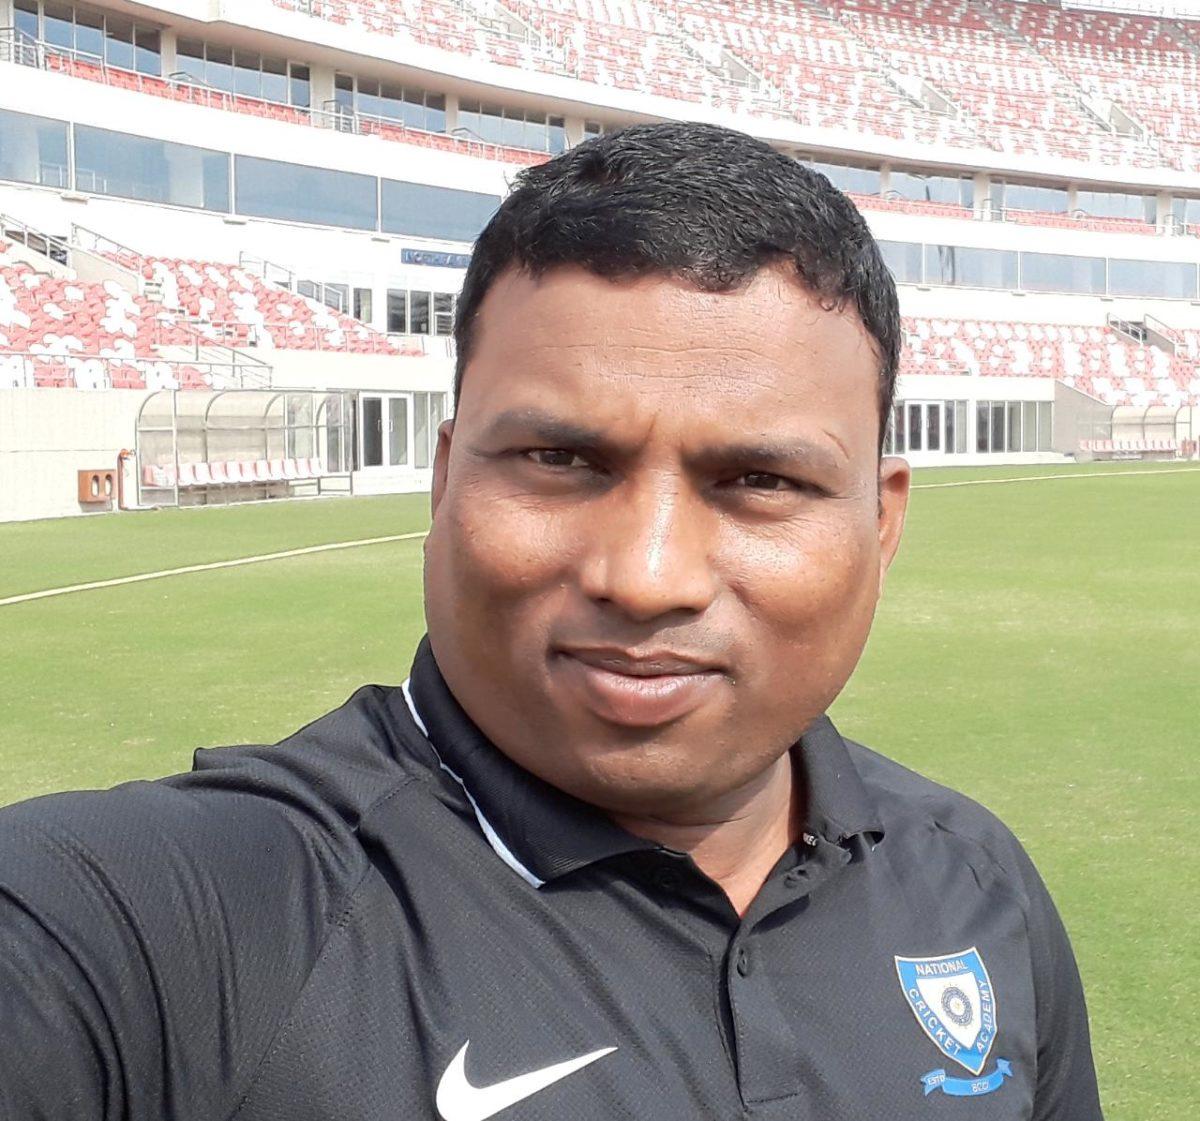 बीसीसीआई ने क्रिकेट प्रशिक्षकों के लिए किया ए-लेवल कोर्स का आयोजन